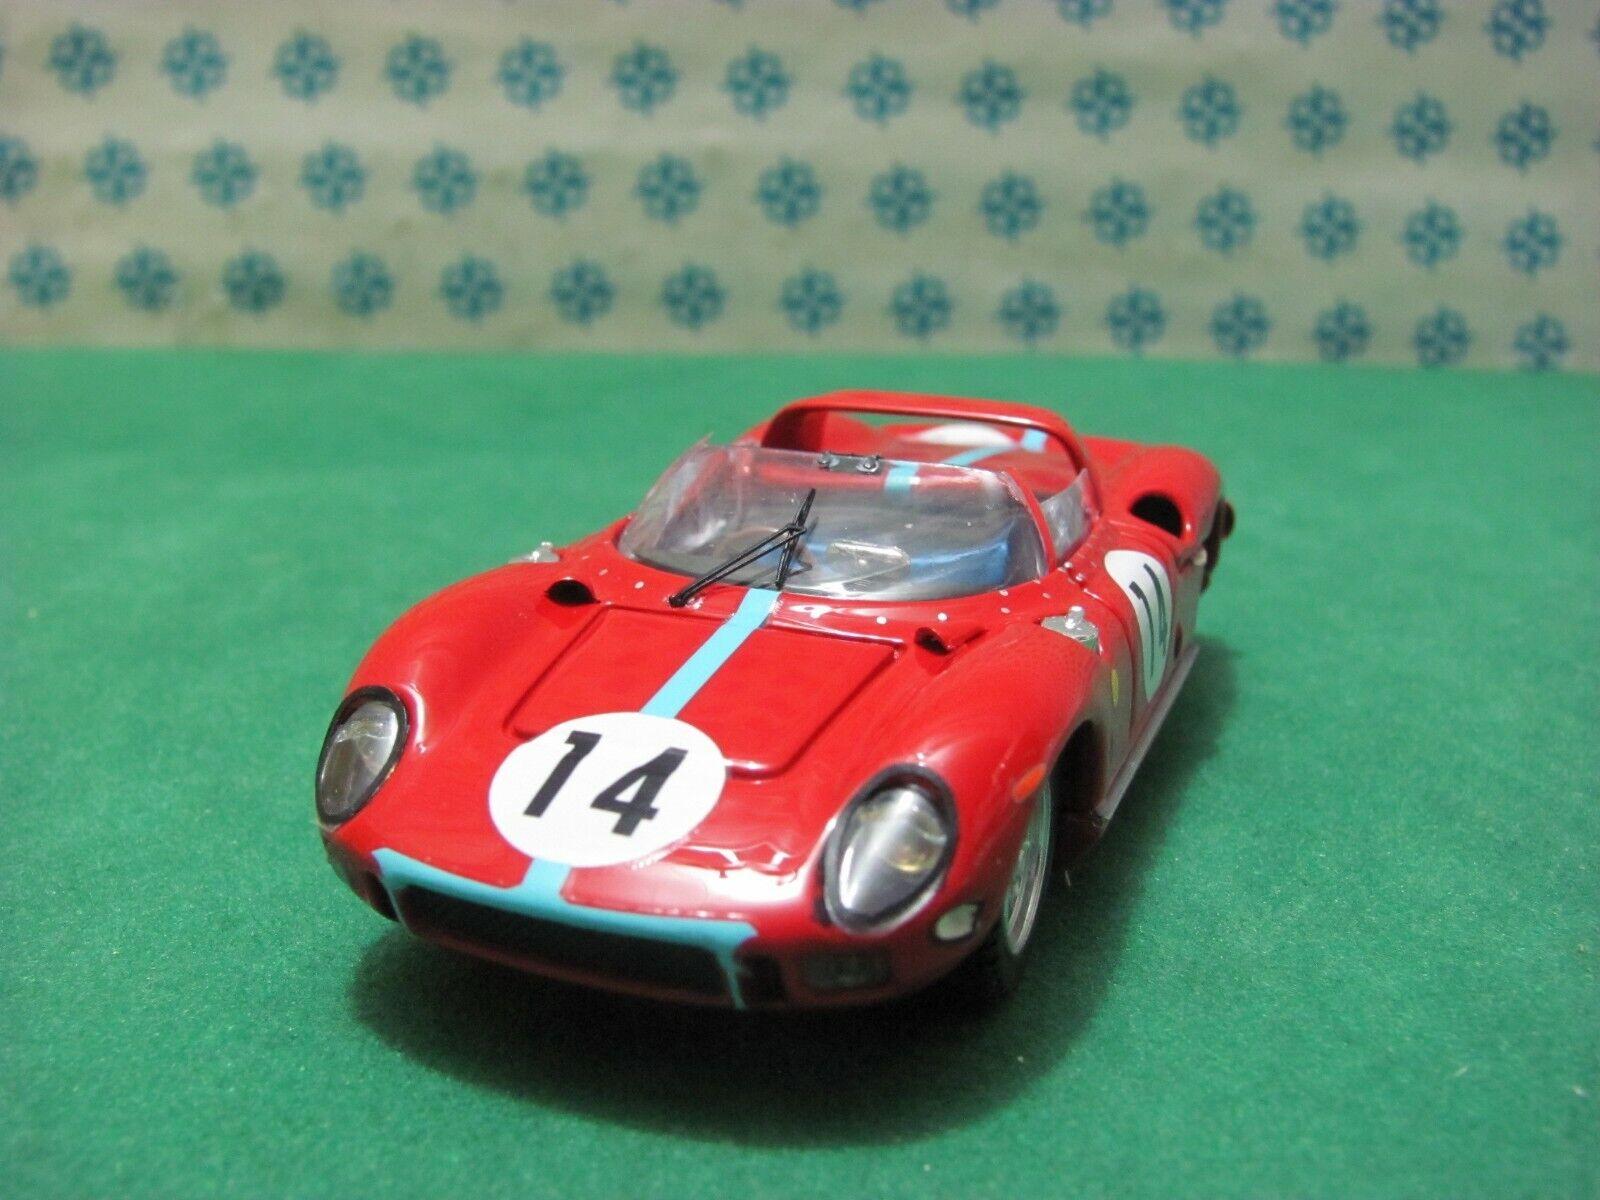 FERRARI 330 P 4000 Spyder Scaglietti Le Mans 1964 - 1 43 Art Model 200 L.E.